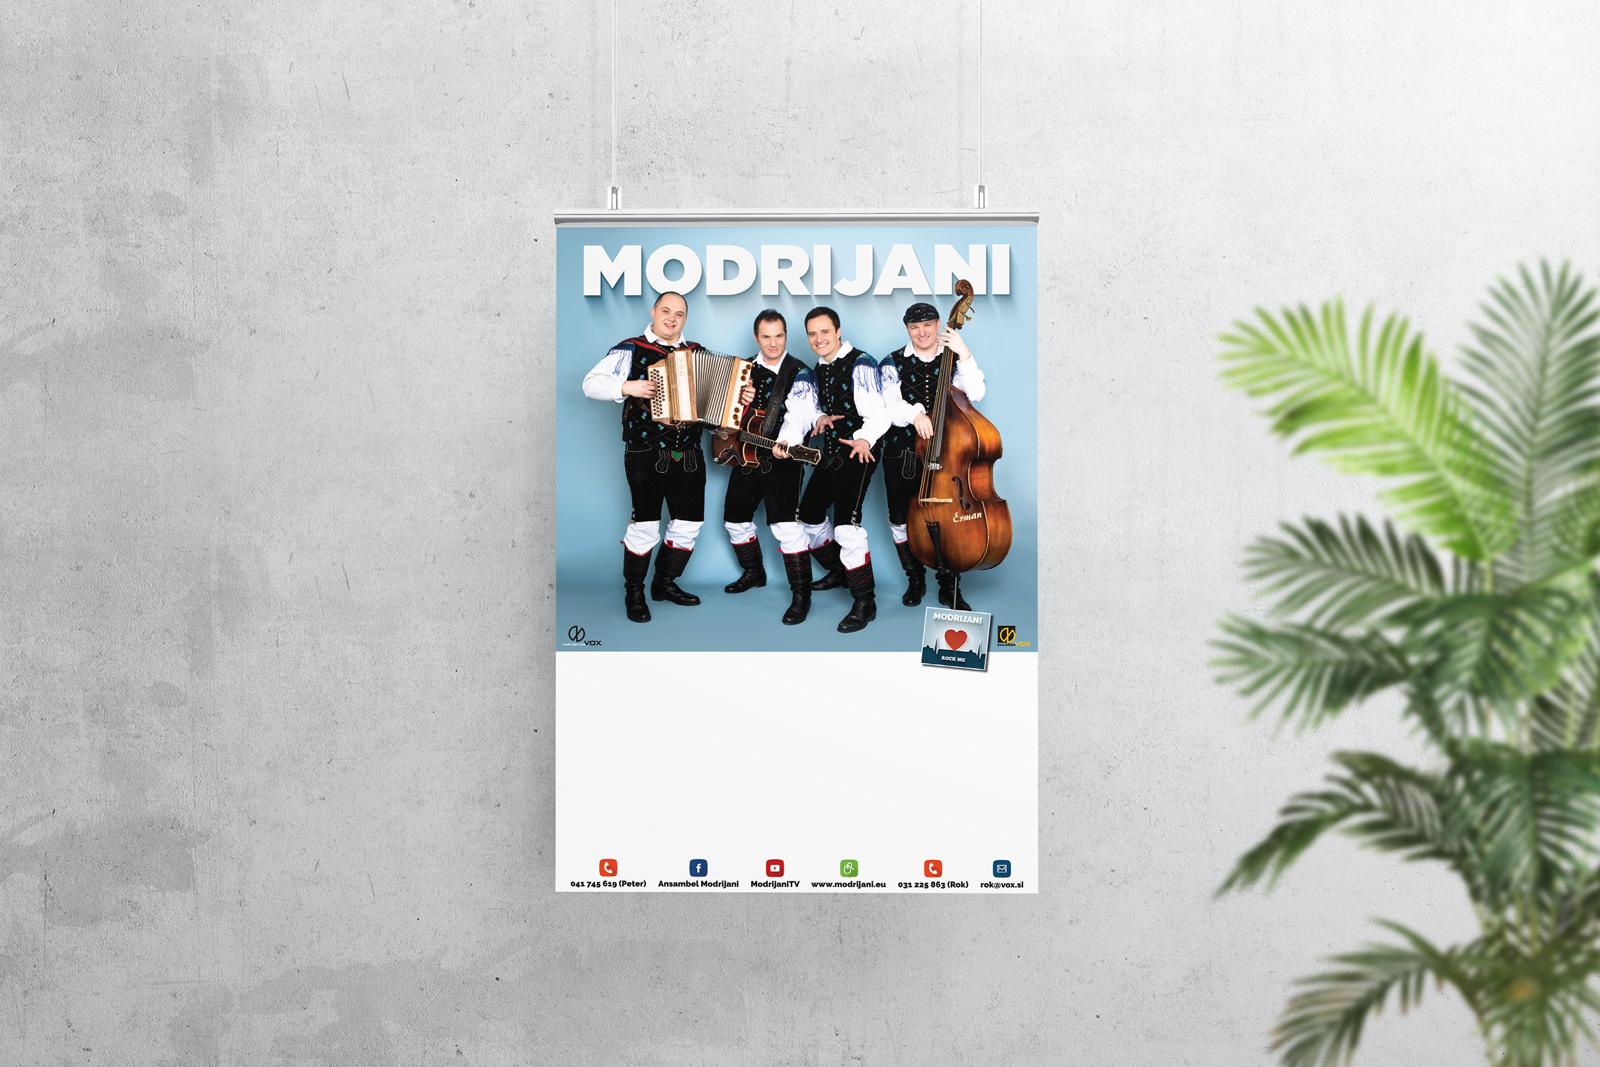 ansambel Modrijani